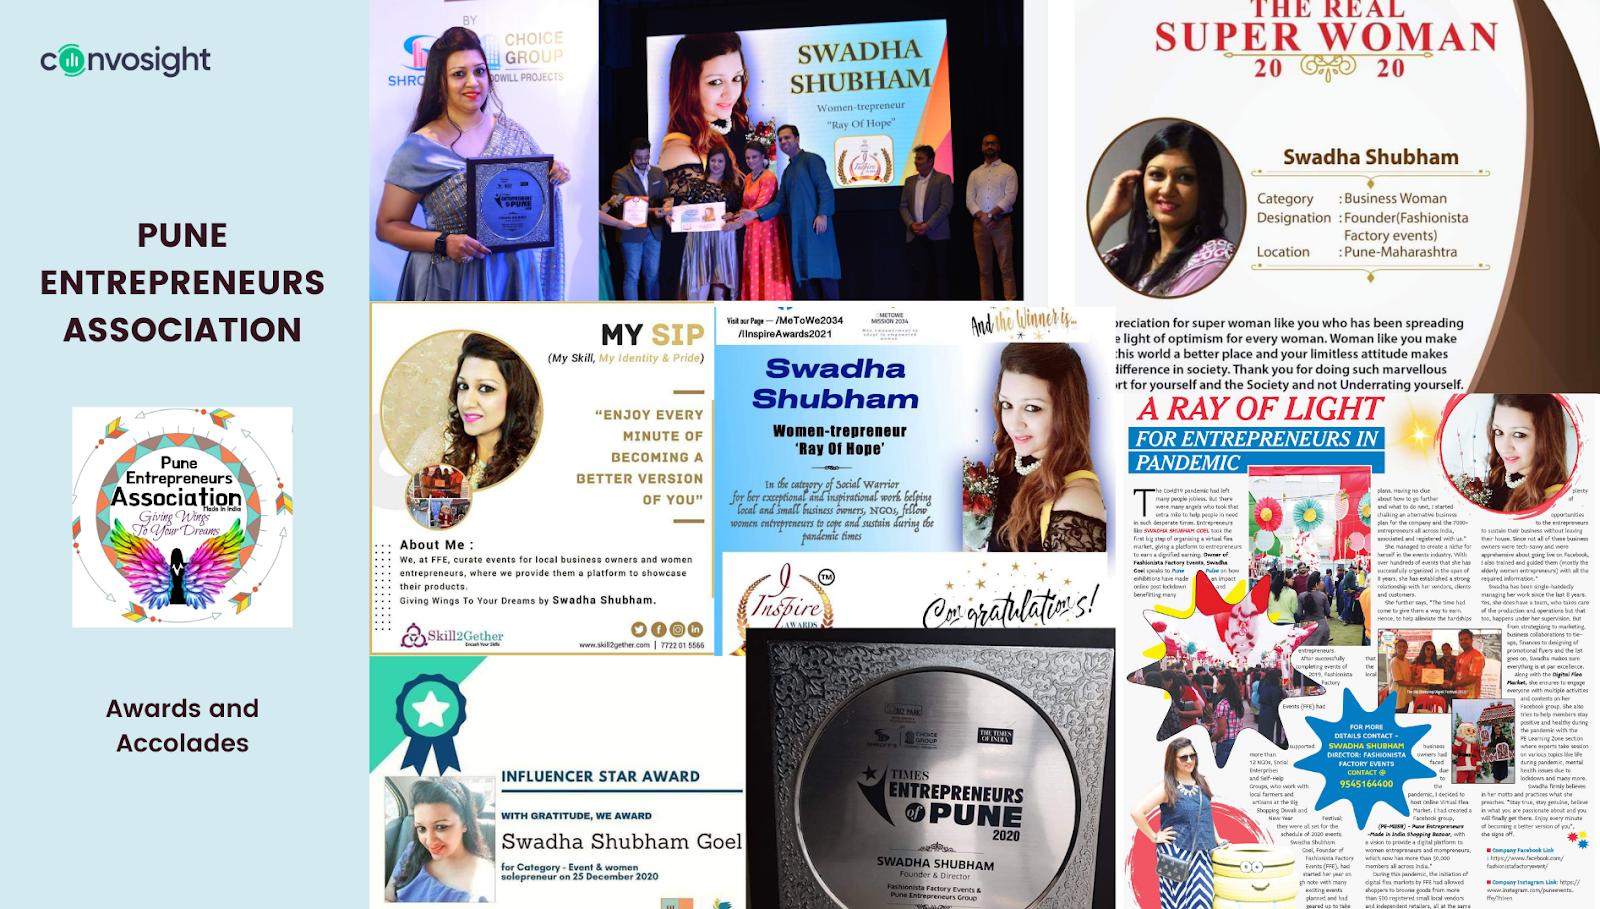 Swadha Shubham Goel- Awards and Accolades